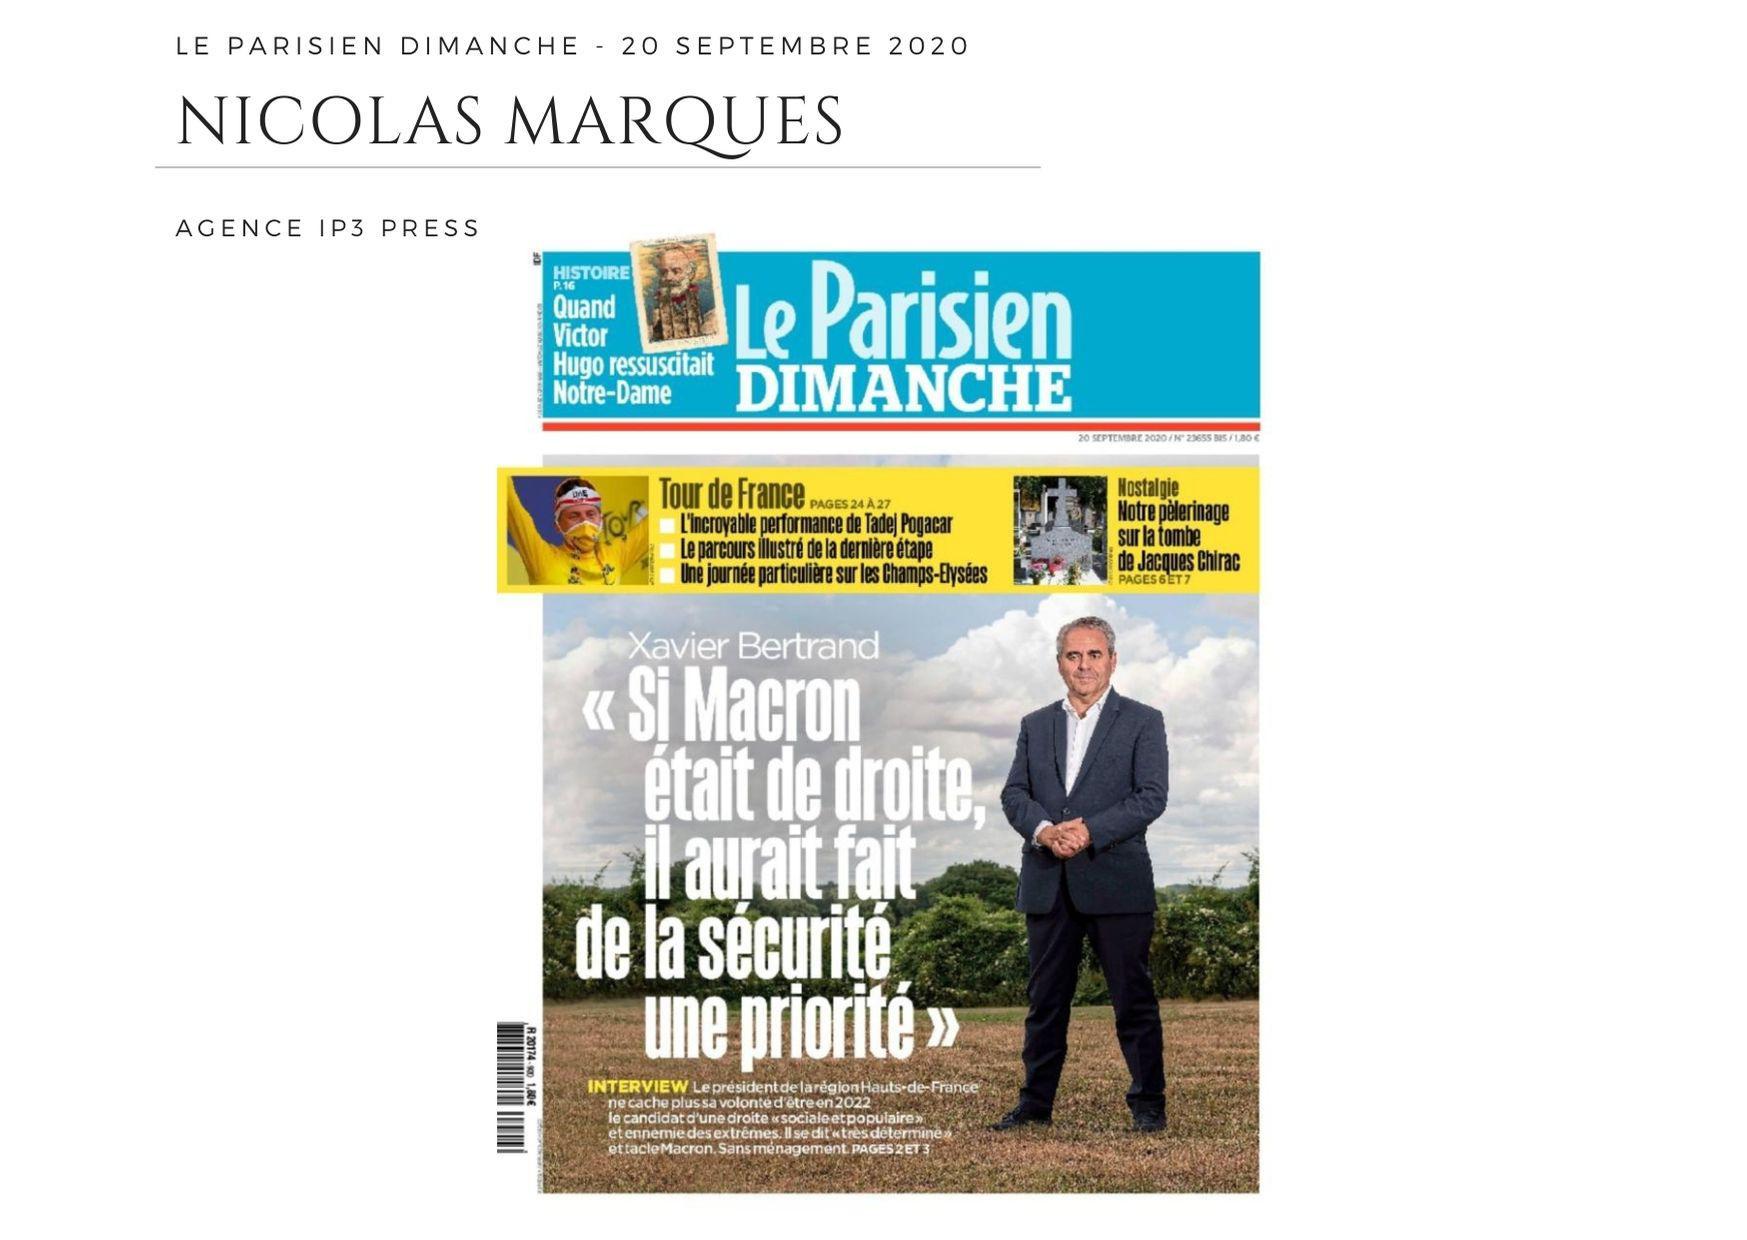 Le Parisien Dimanche - 20 septembre 2020